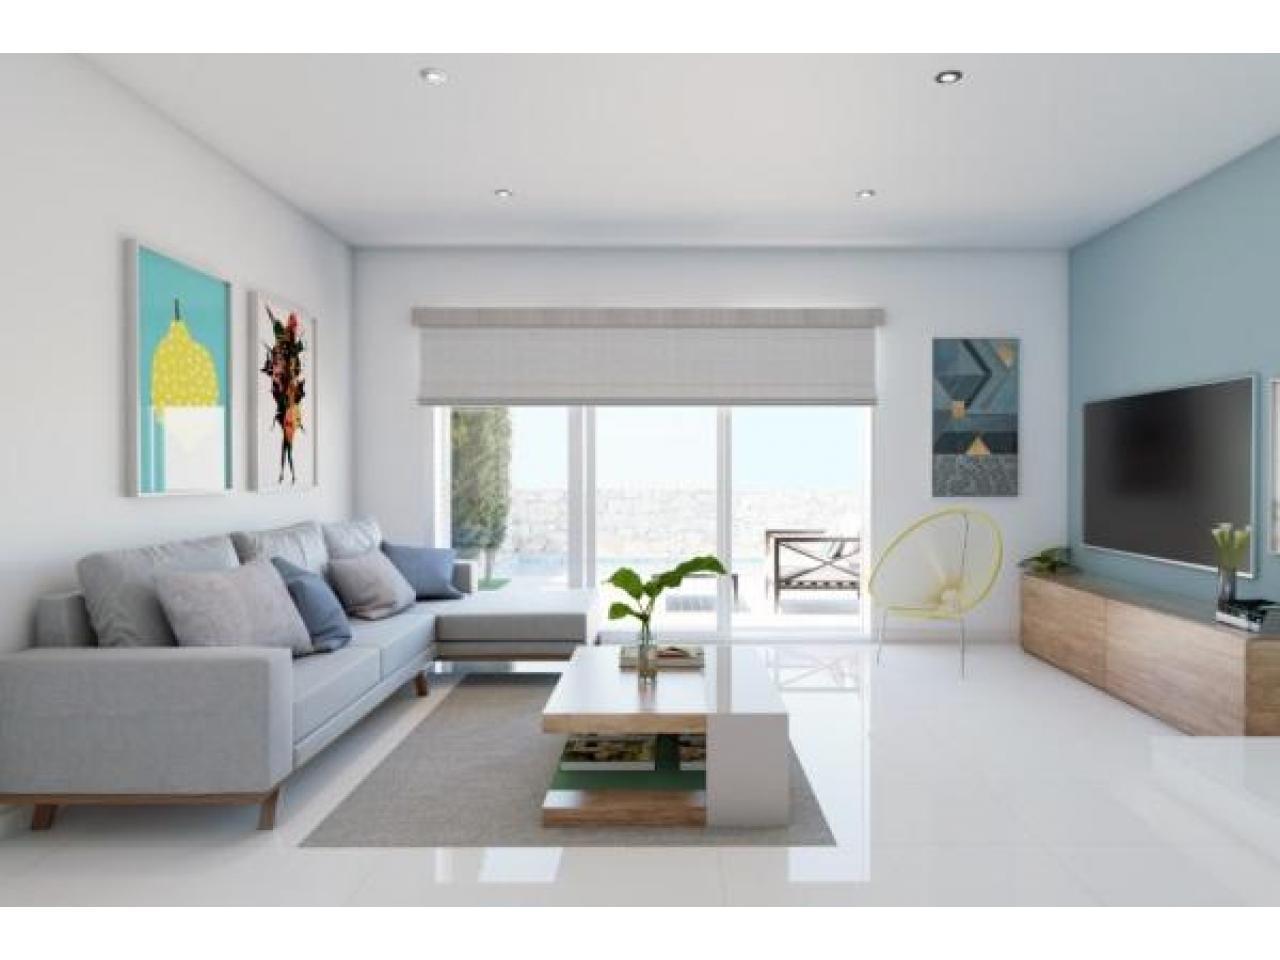 Недвижимость в Испании, Новая вилла рядом с пляжем от застройщика в Лос Алькасарес - 2